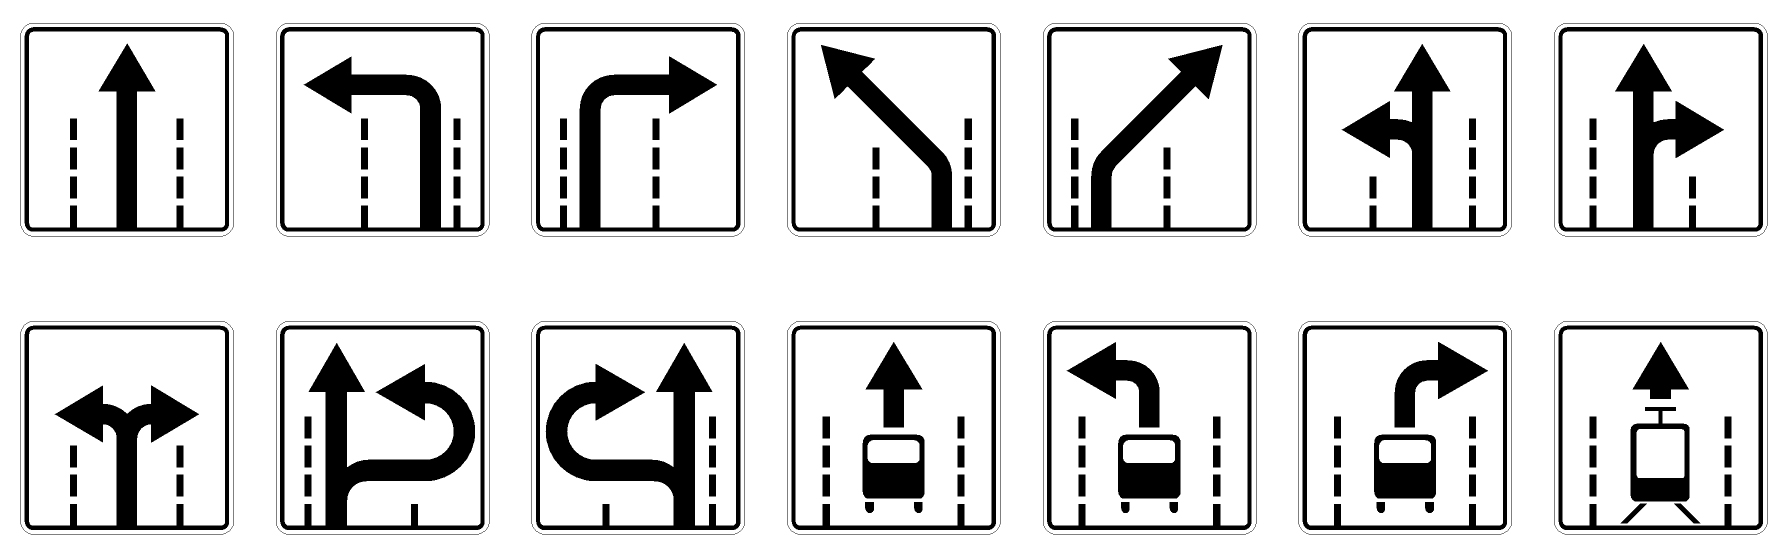 Варианты знака 5.36д «Направления движения на следующем перекрёстке»